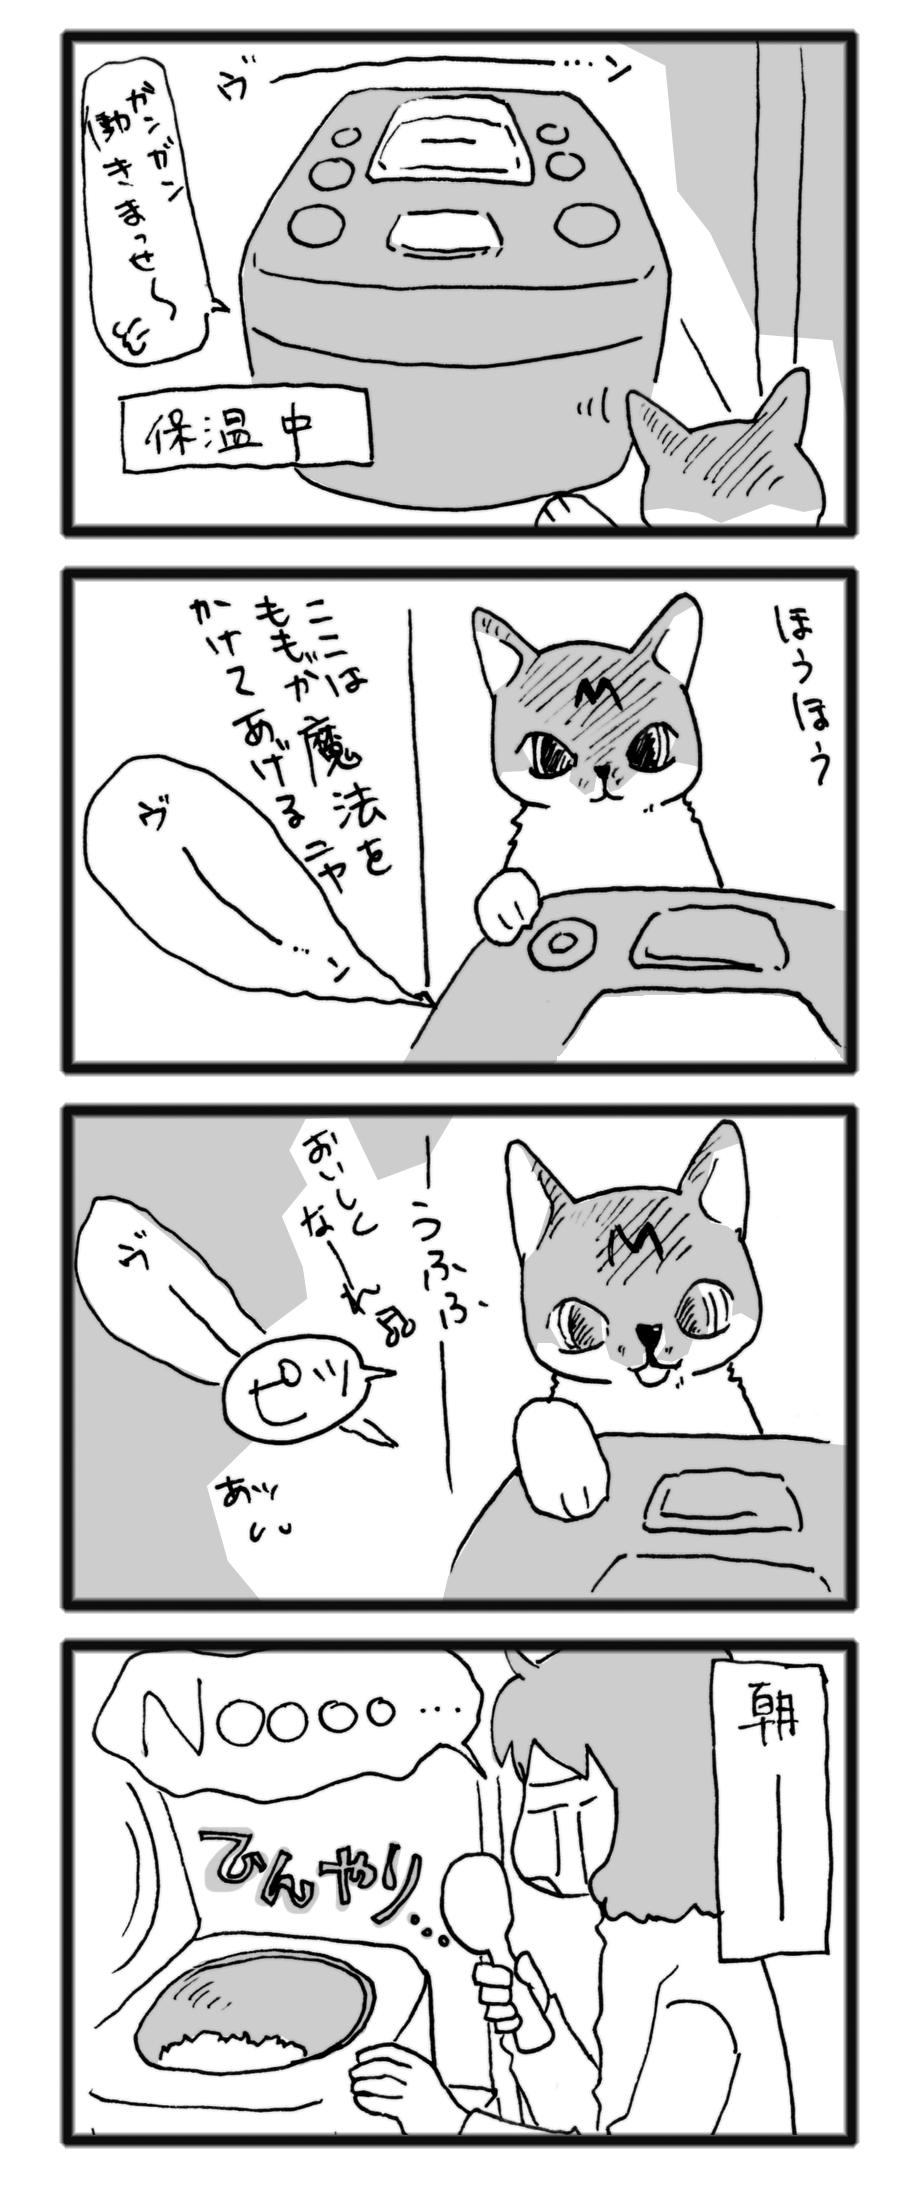 comic_4c_14041101.jpg